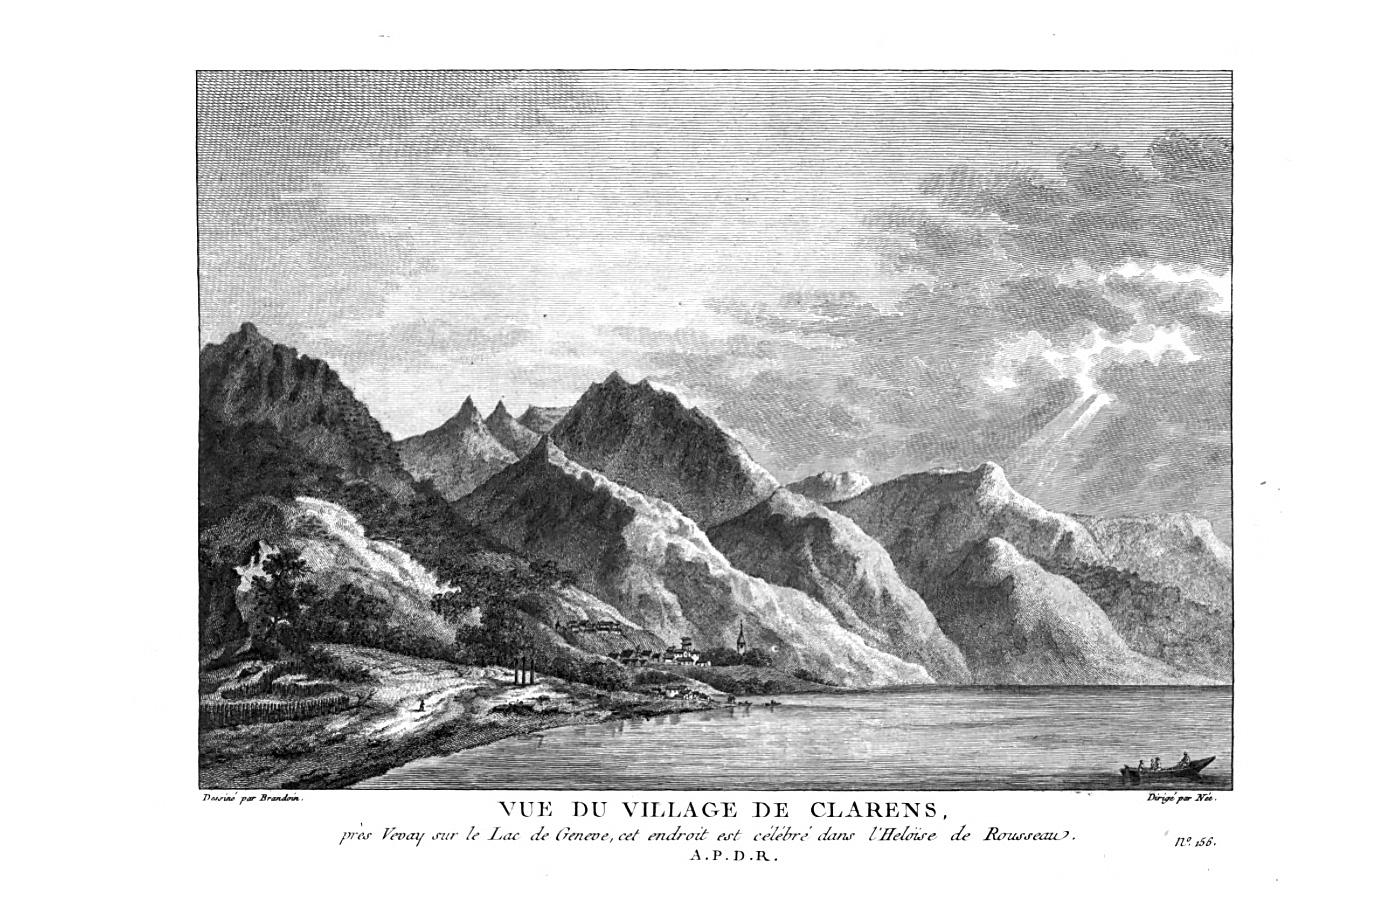 Вид на деревню Кларан в Швейцарии, которая упоминается в книге Жан-Жака Руссо «Юлия, или Новая Элоиза». 1780